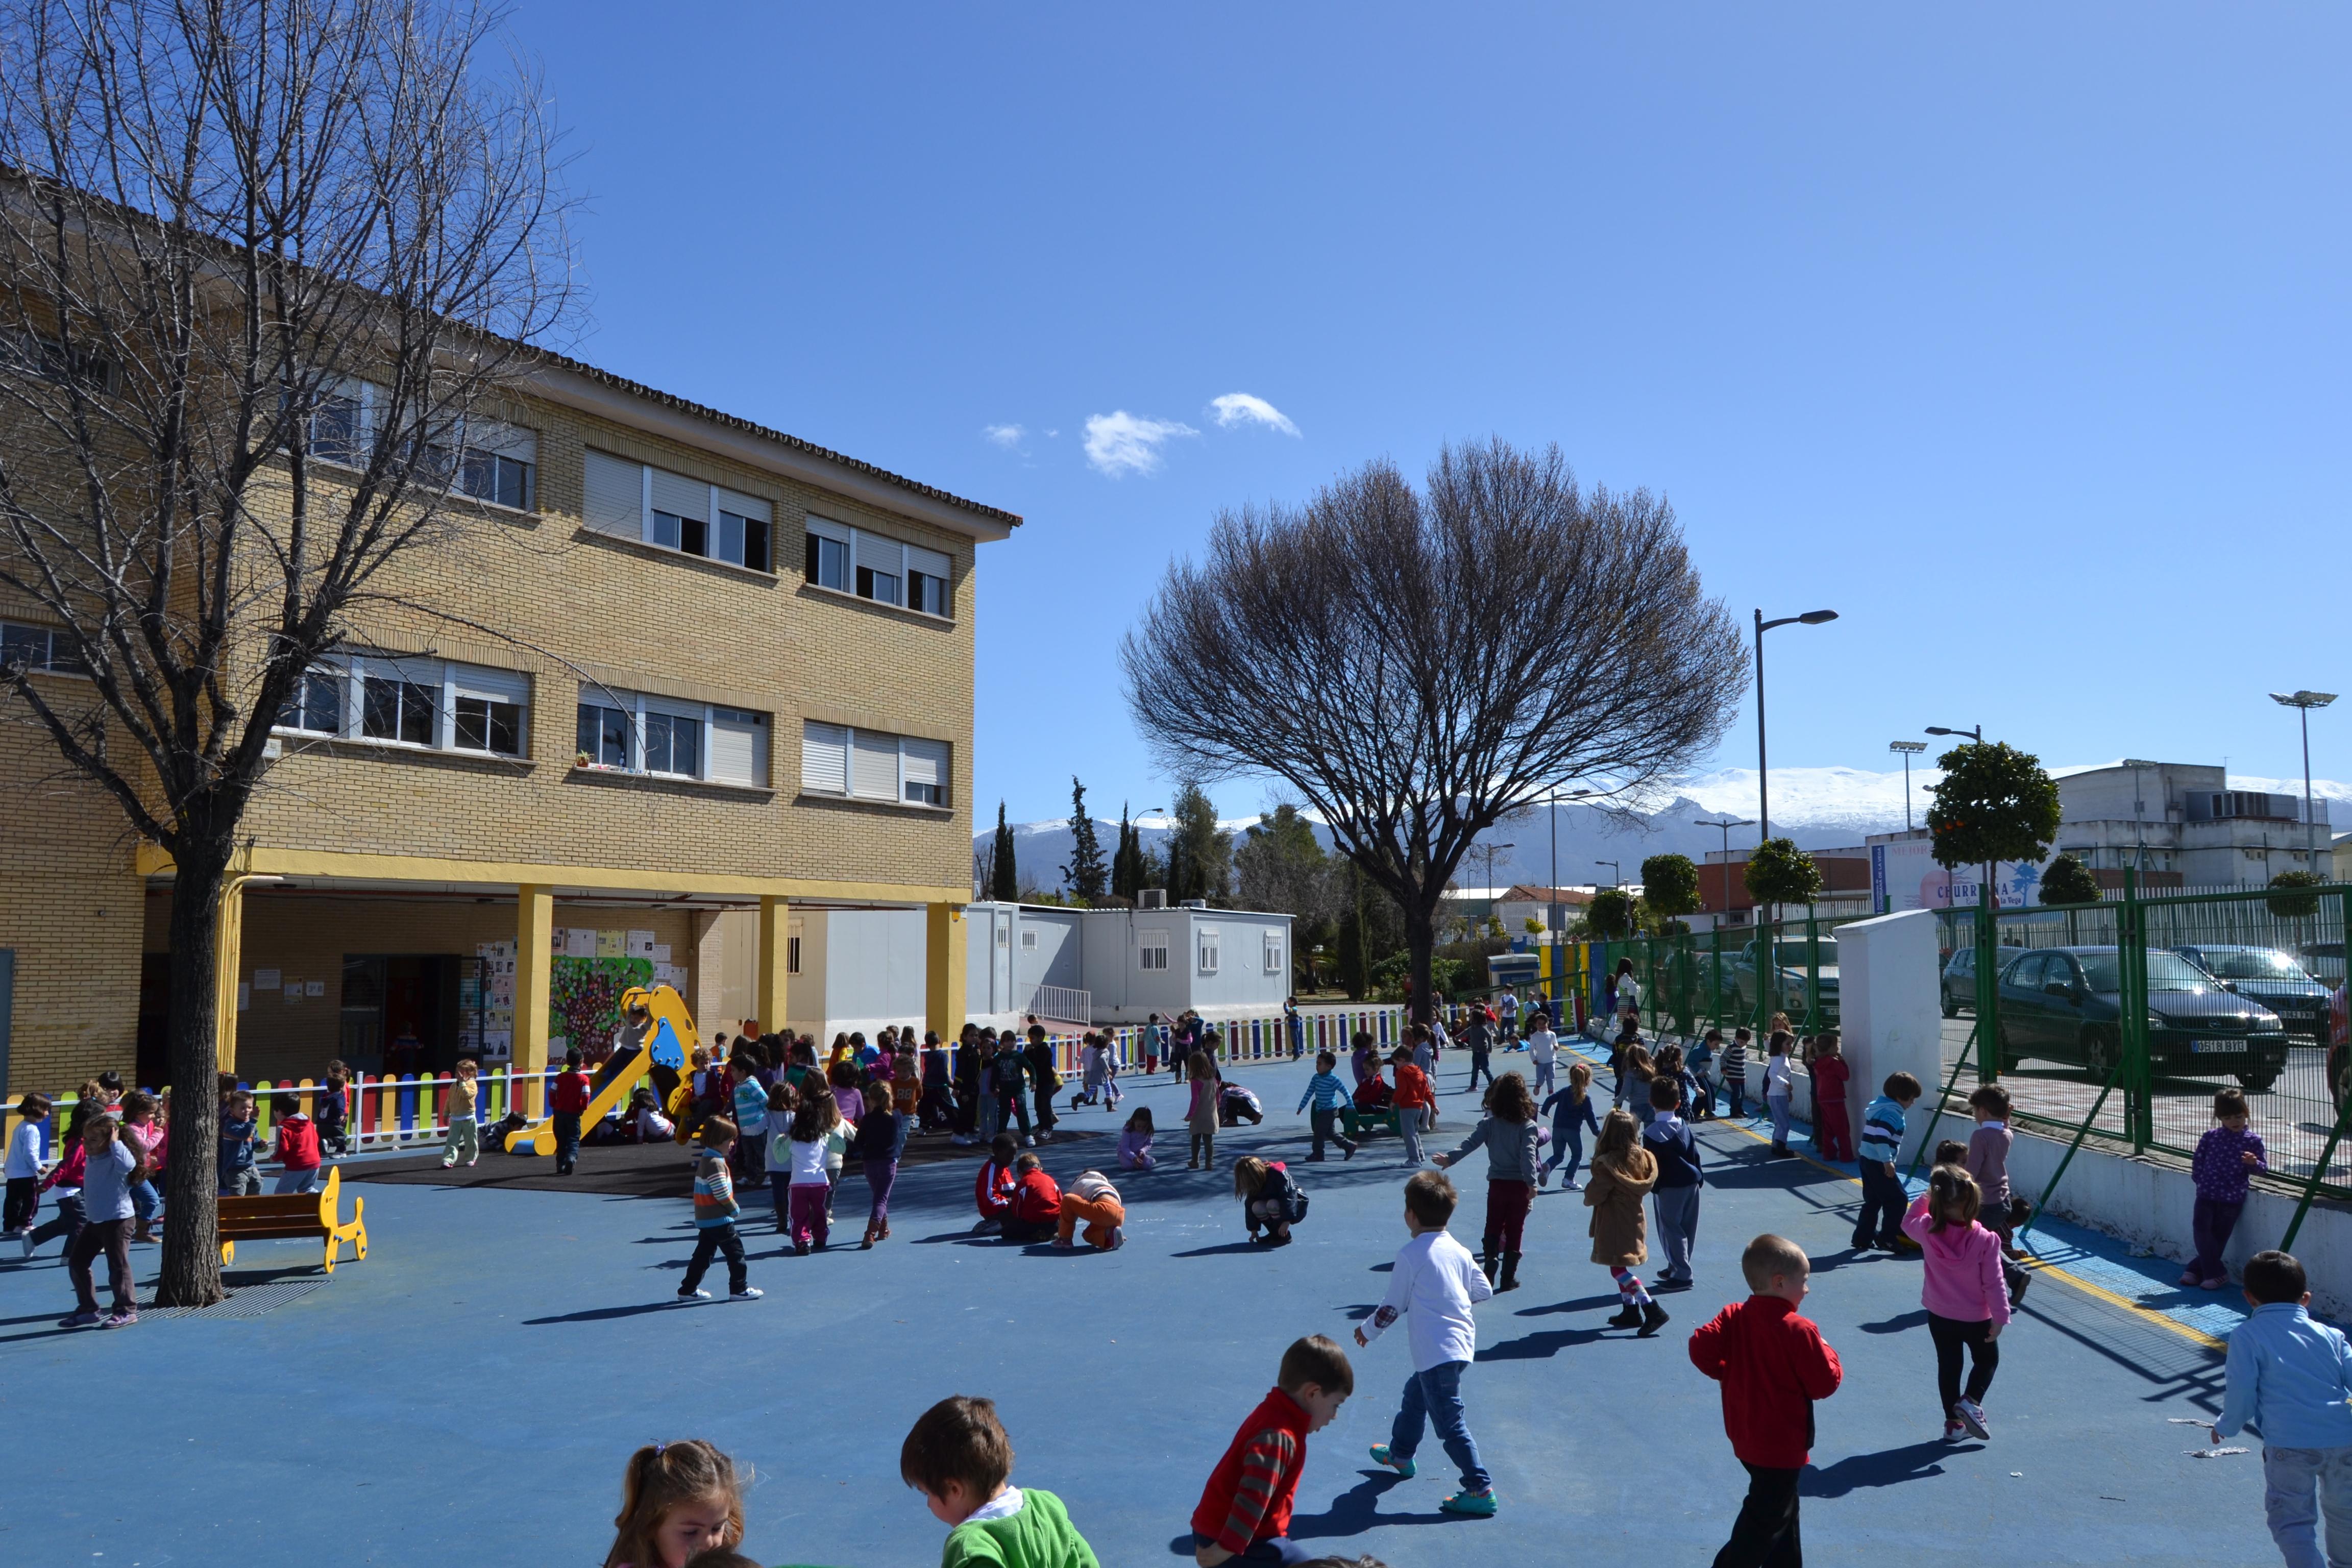 Imagen de uno de los colegios afectados por la instalación de aulas prefabricadas